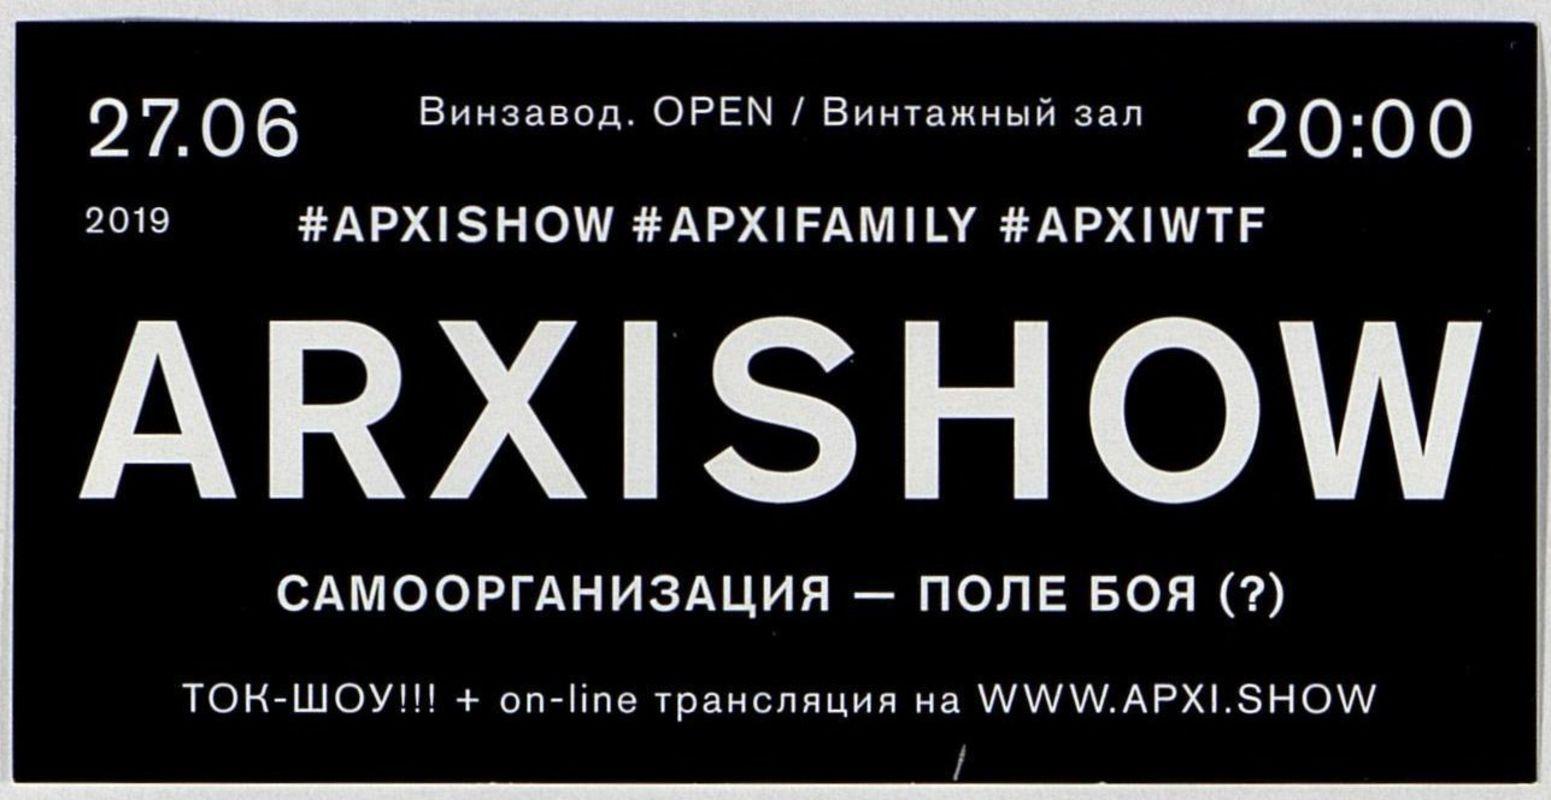 ARXISHOW